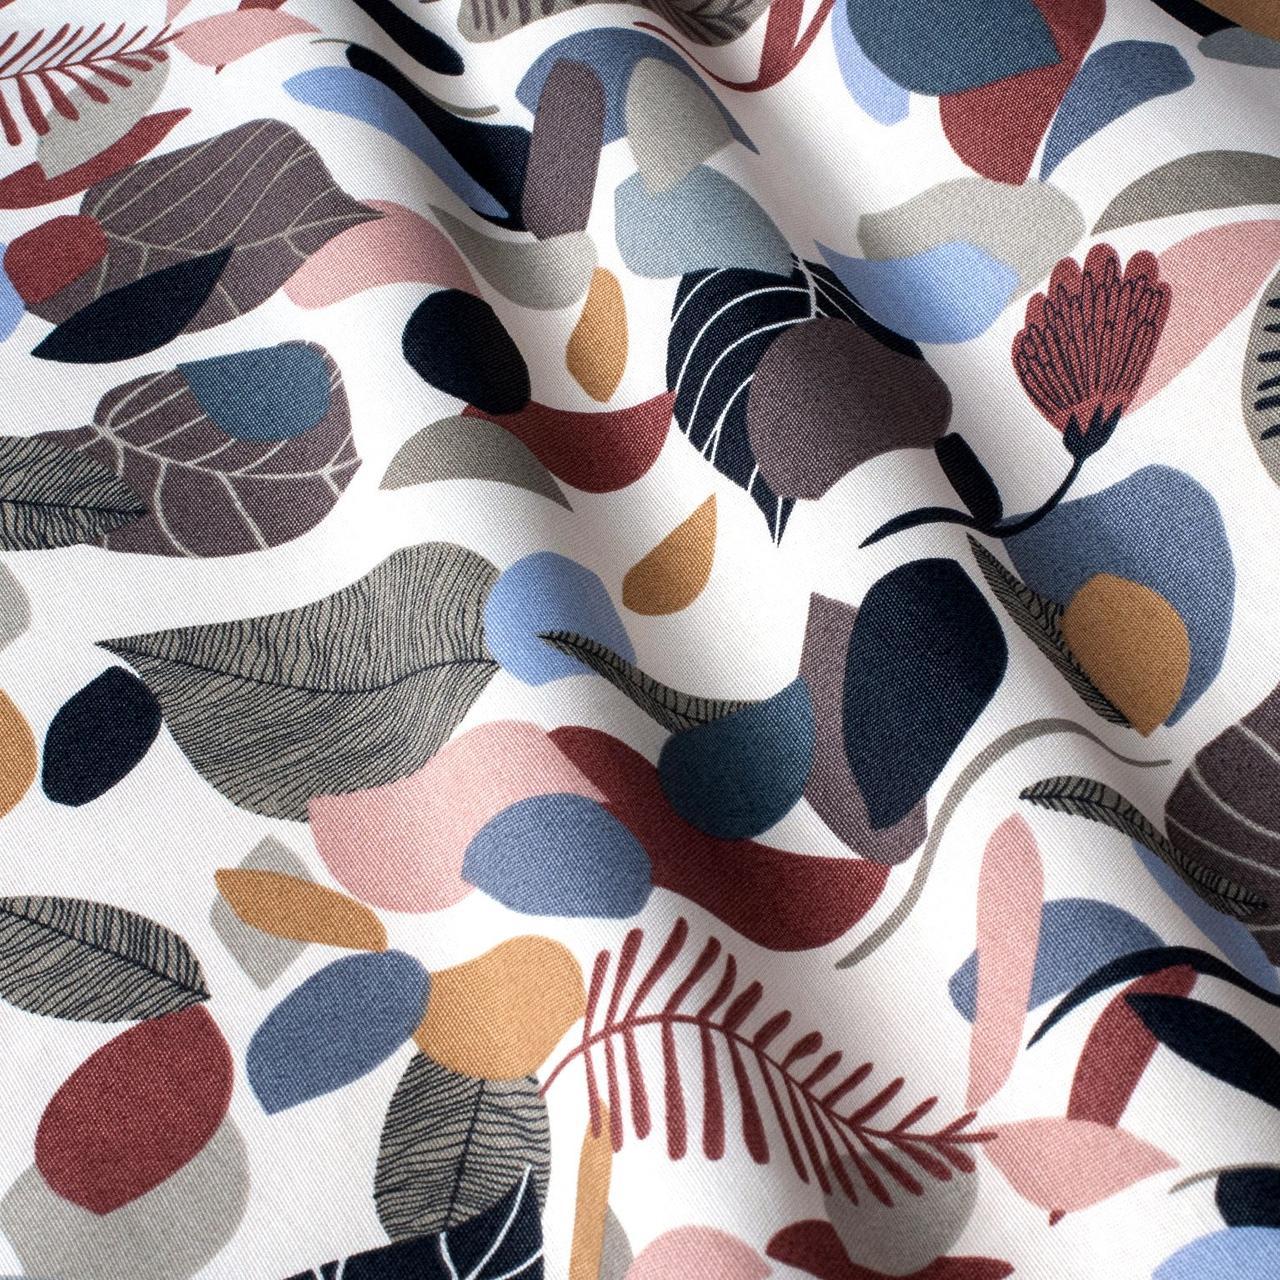 Декоративна тканина коричнева листя з тефлоновим просоченням Туреччина 87860v3